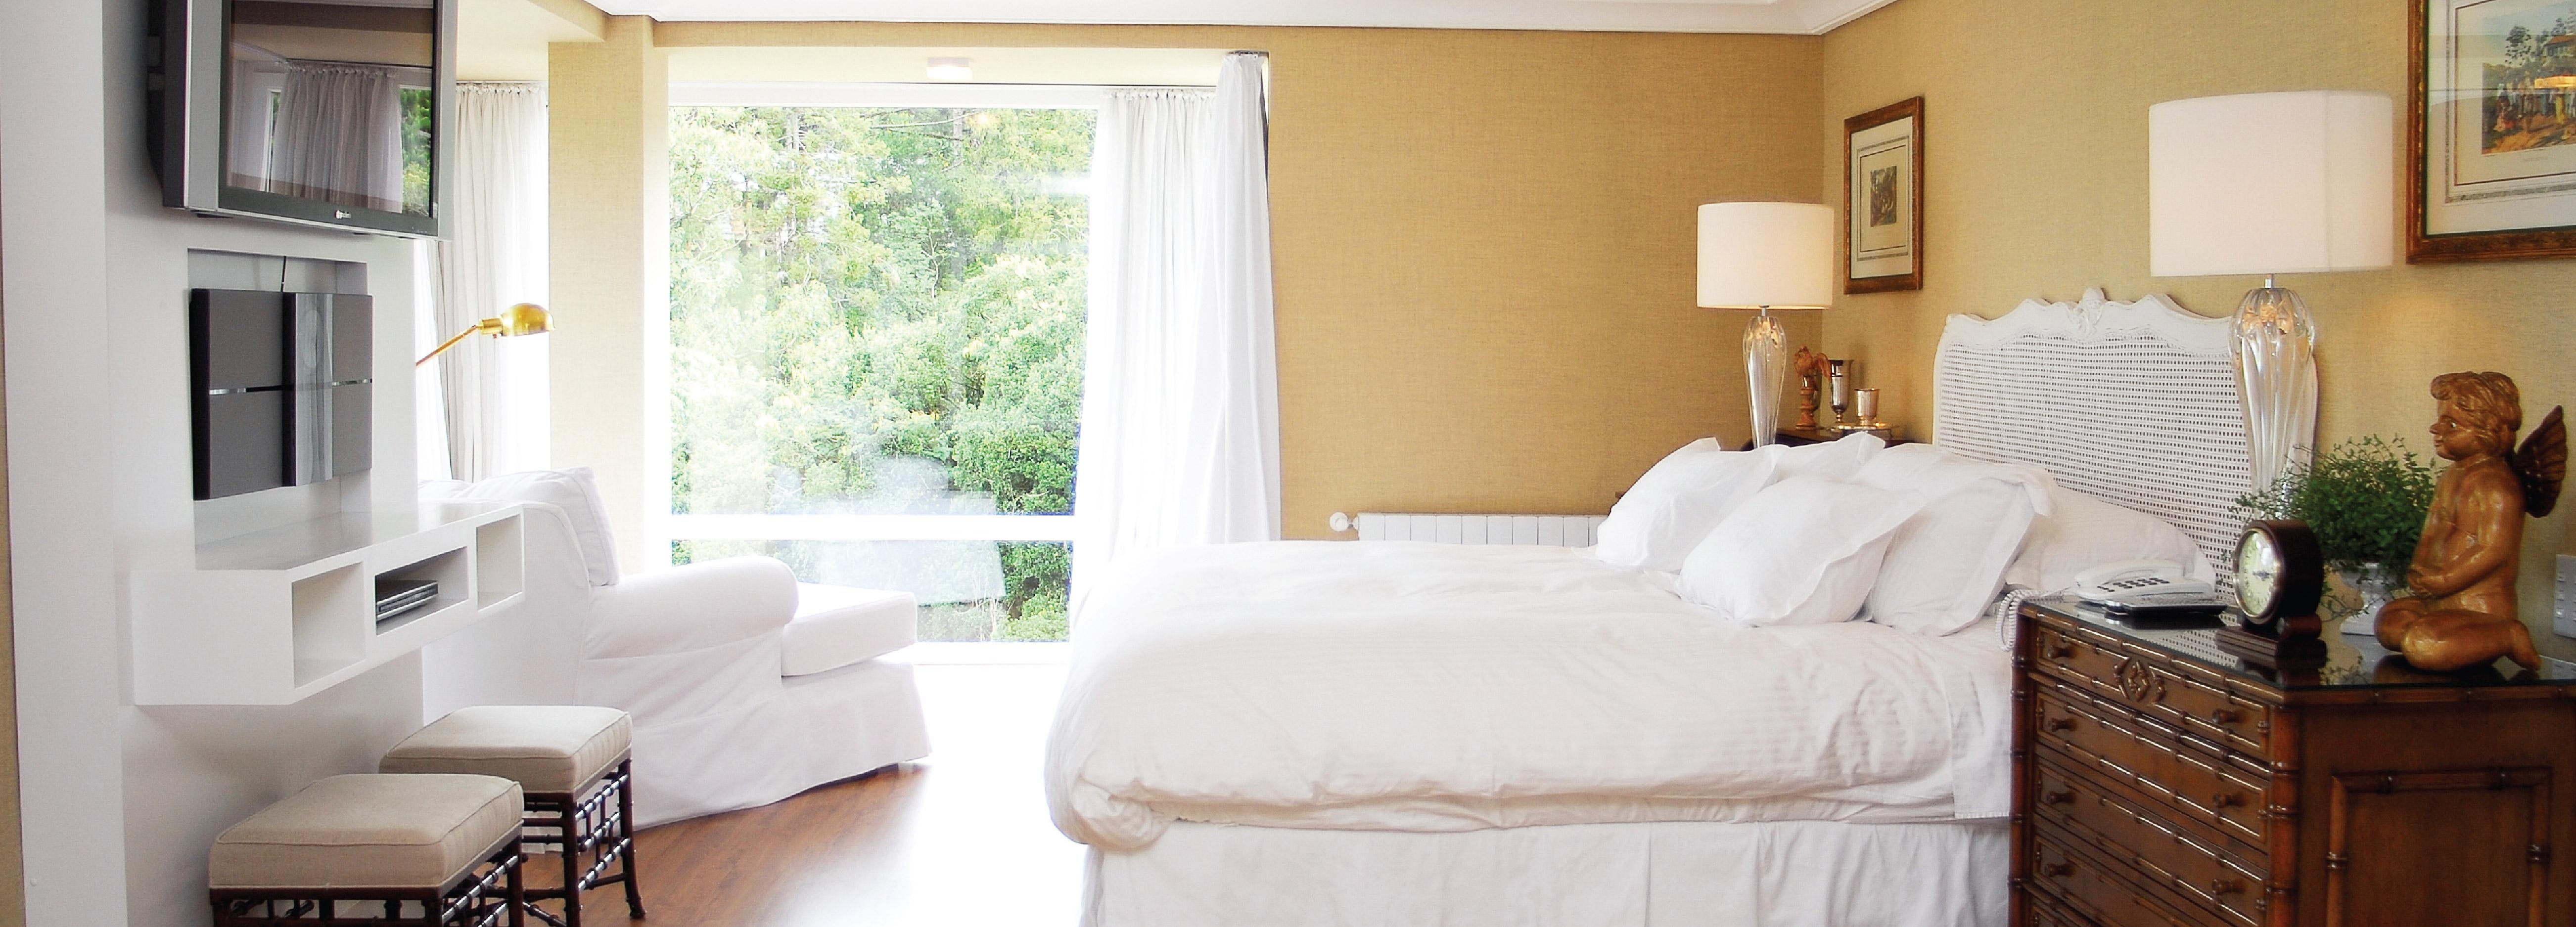 banner-03-suite-real-melhor-hotel-para-ficar-em-gramado-01